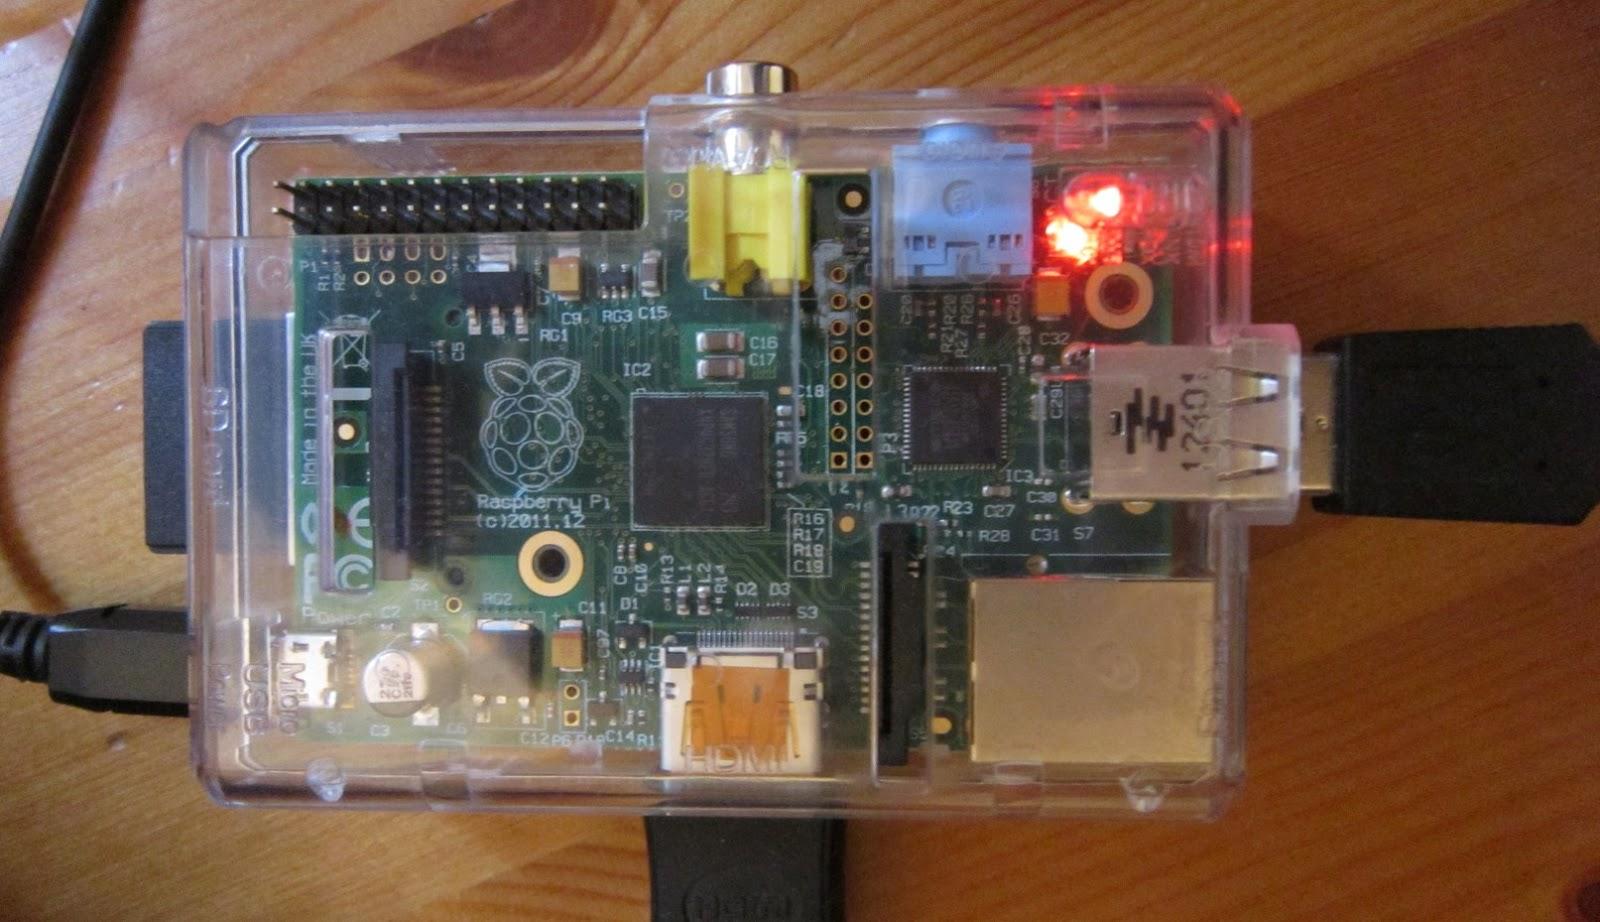 A Raspberry Pi working hard!